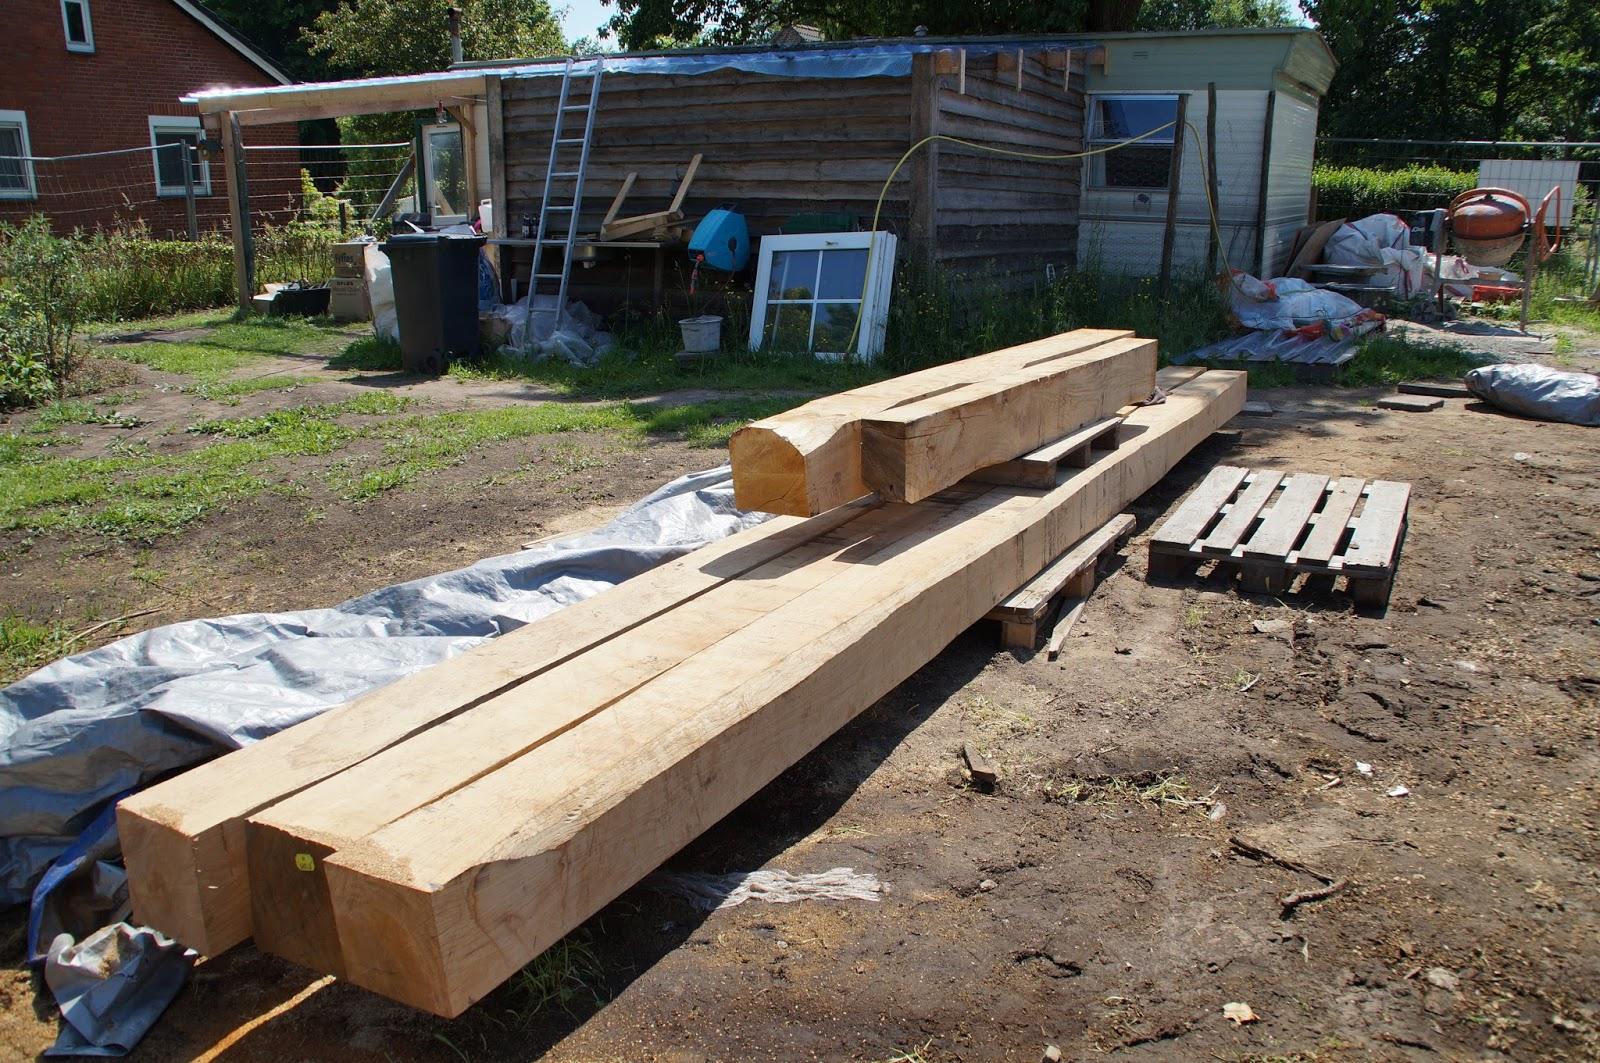 De verbouwing van een 200 jaar oude boerderij hout en metselwerk - Slaapkamer met zichtbare balken ...